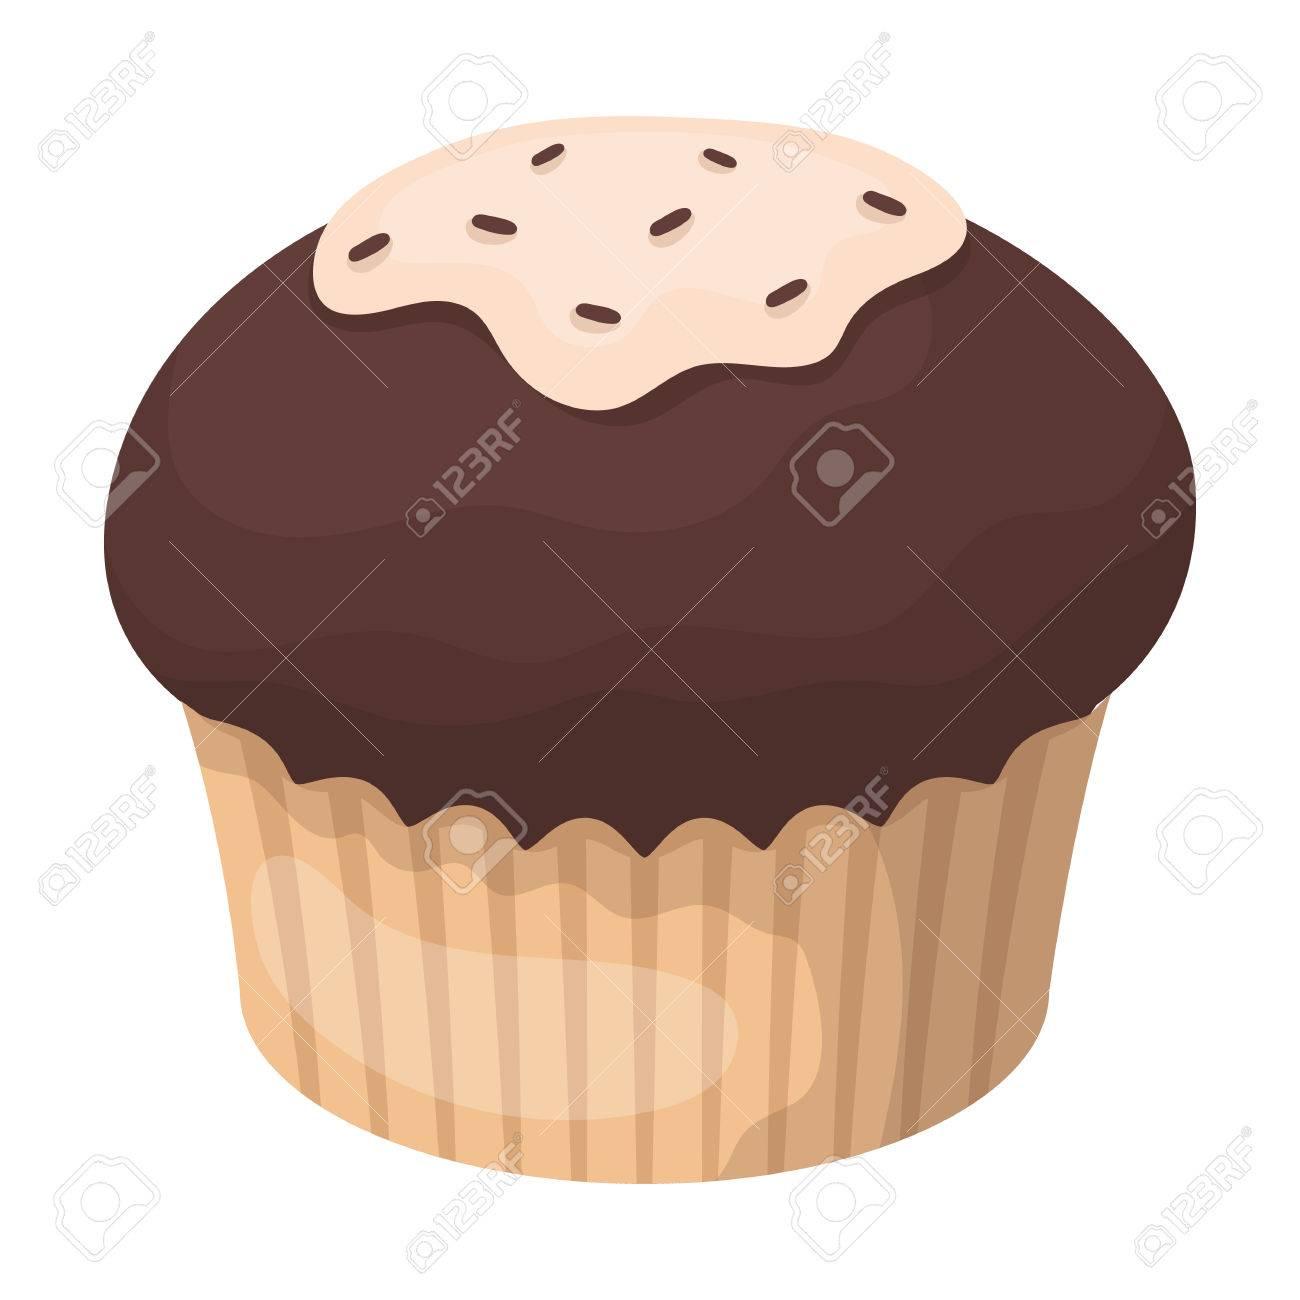 Icono De Cupcake De Chocolate En Estilo De Dibujos Animados Aislado